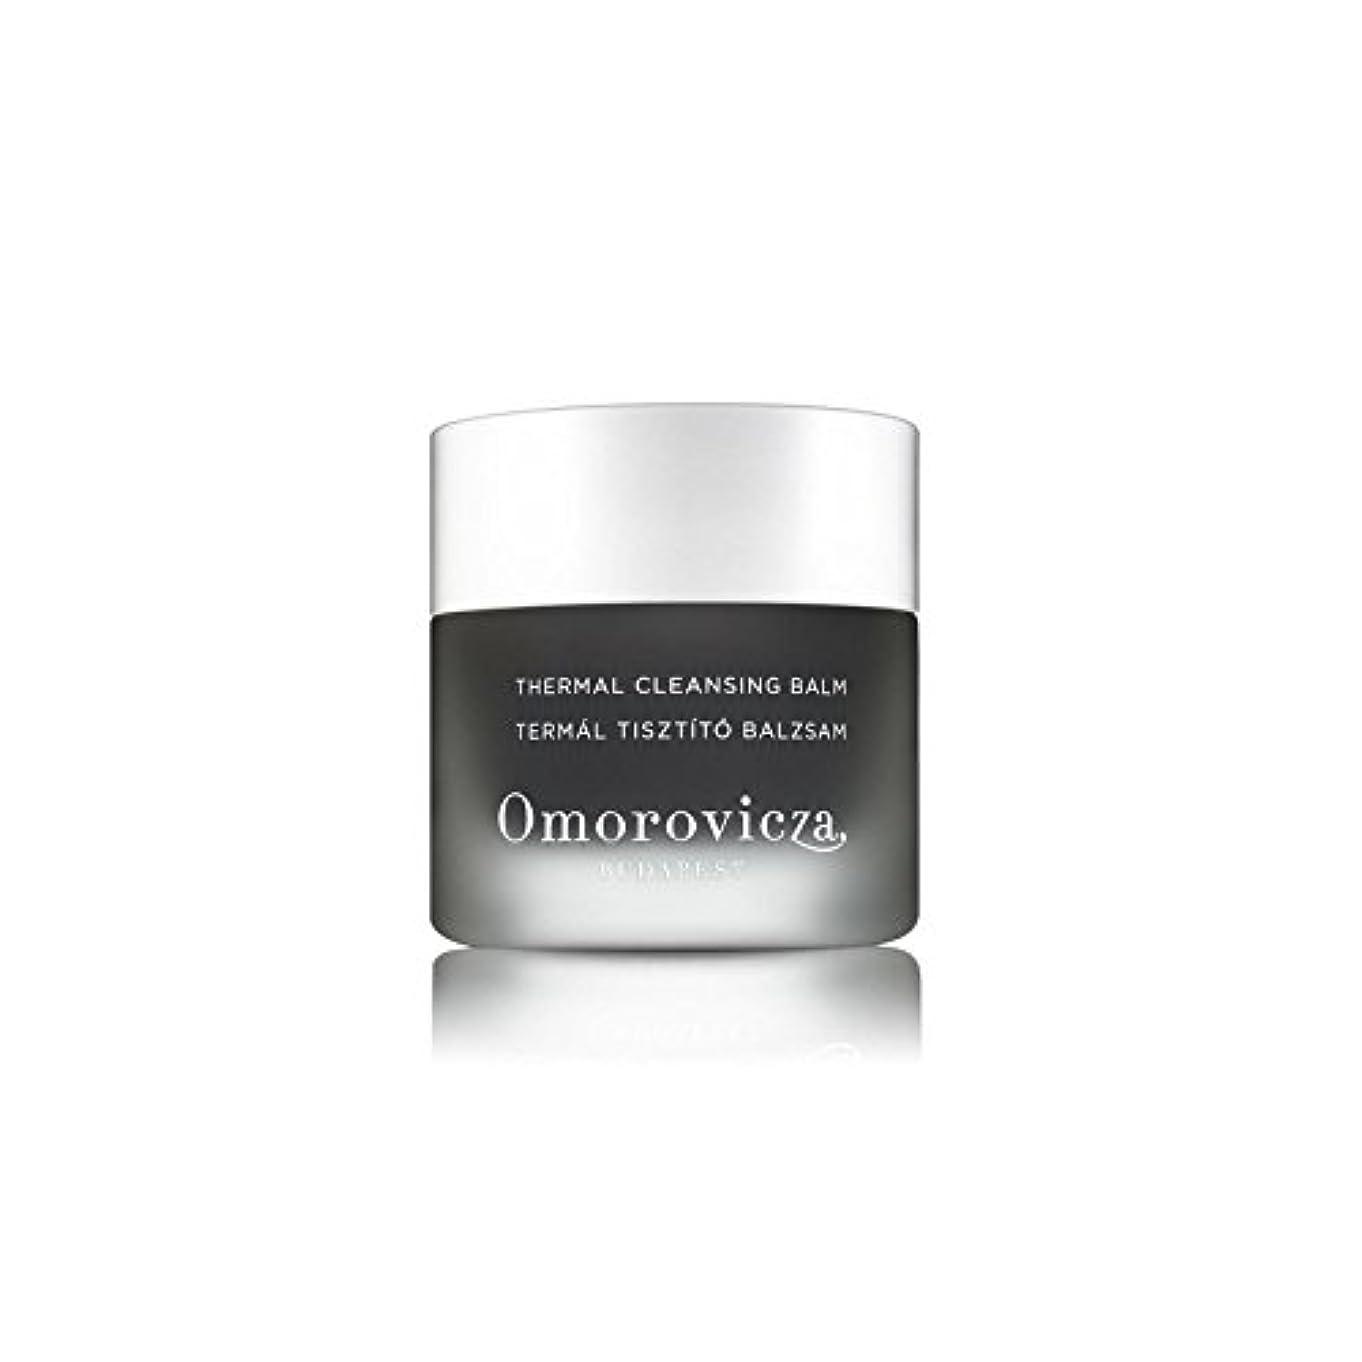 活力類推手伝うOmorovicza Thermal Cleansing Balm - All Skin Types (50ml) - すべての肌タイプ(50ミリリットル) - サーマルクレンジングバーム [並行輸入品]